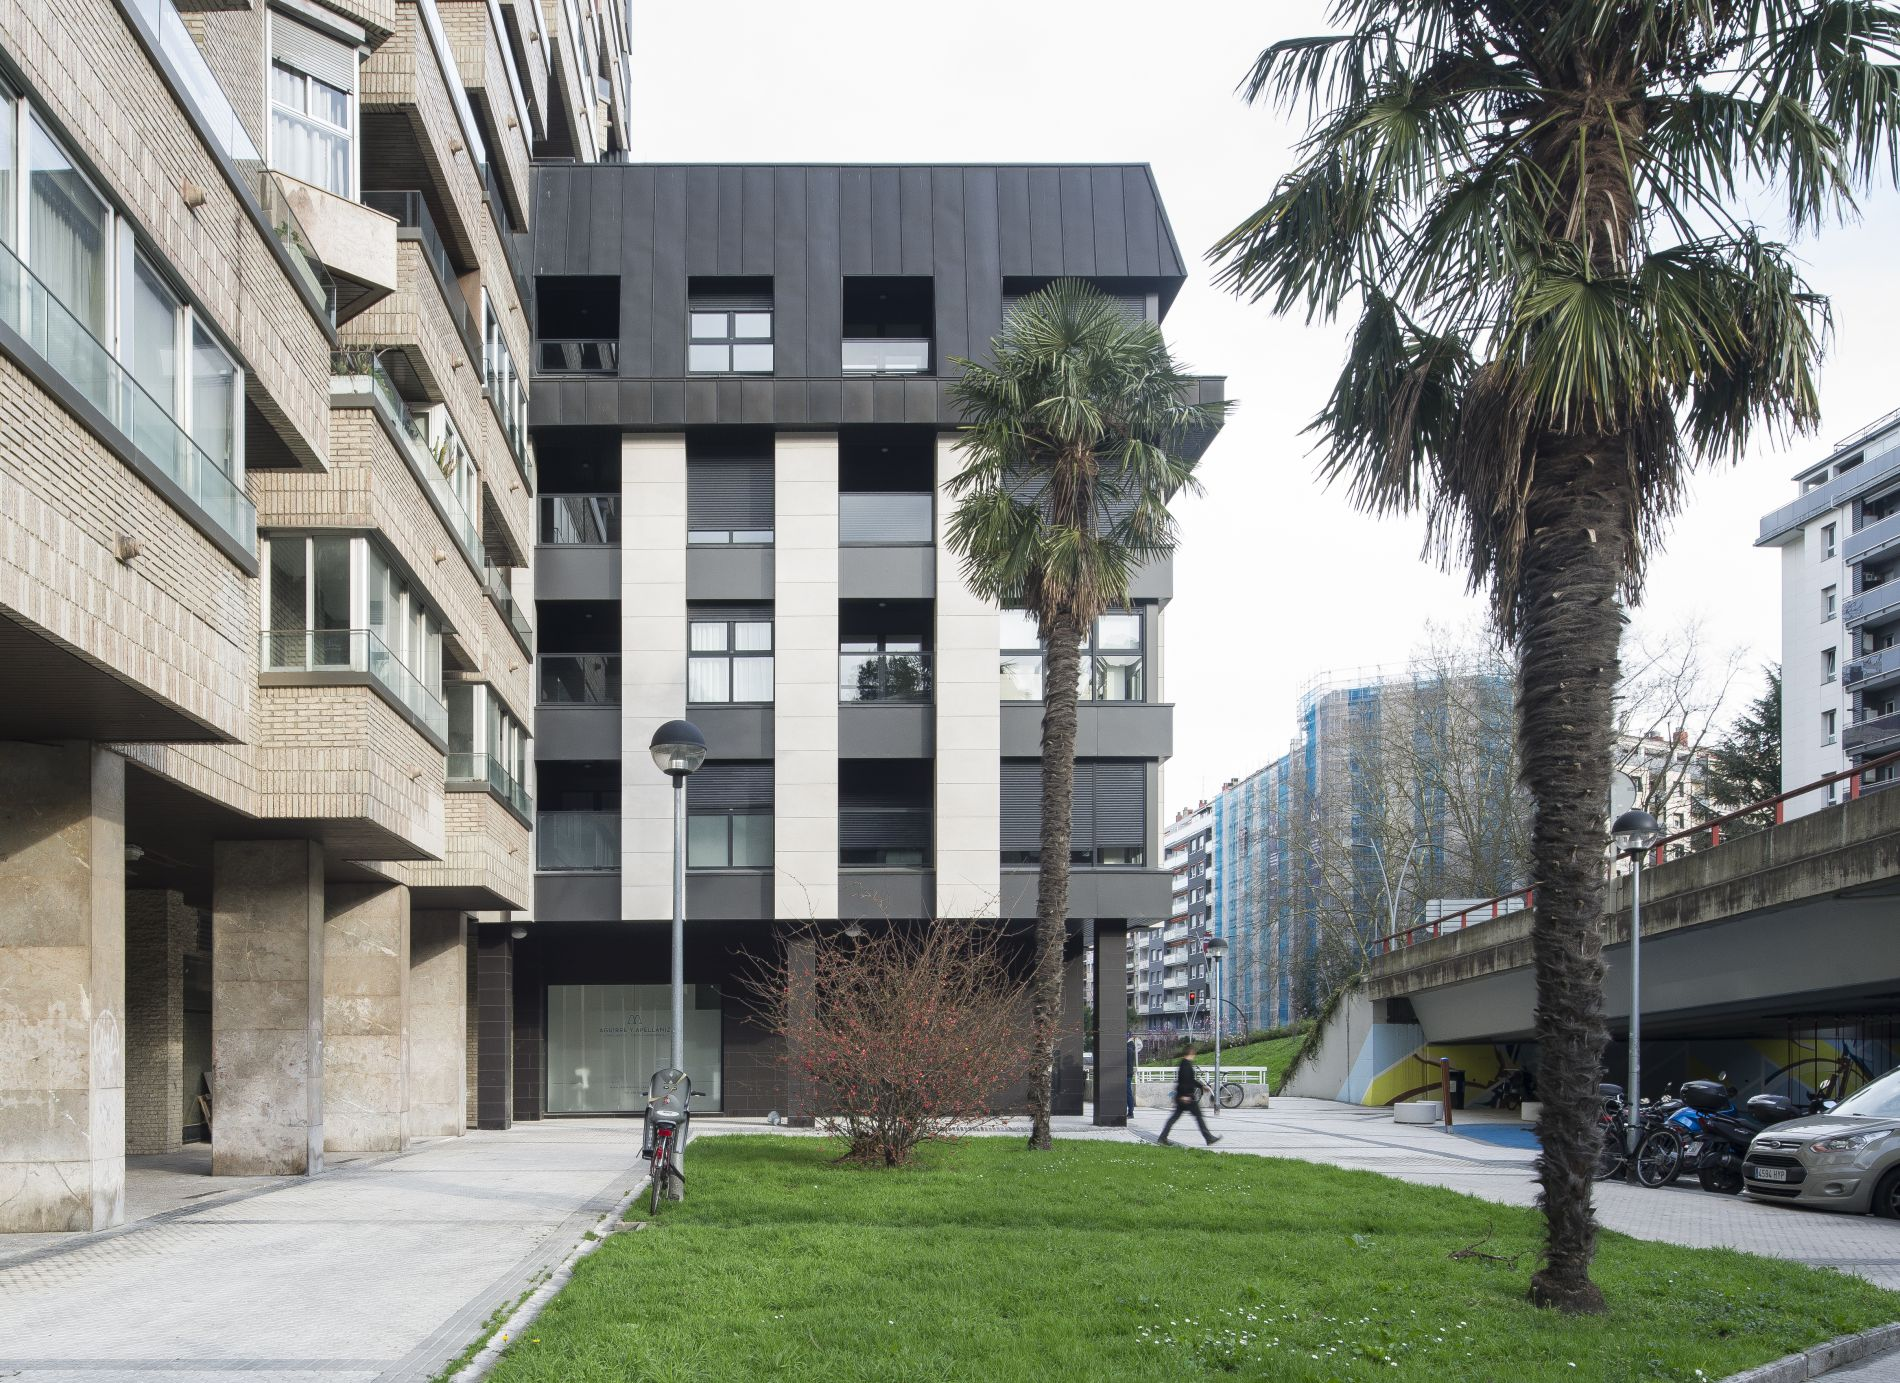 Fiark - 80 viviendas calle podavines 19